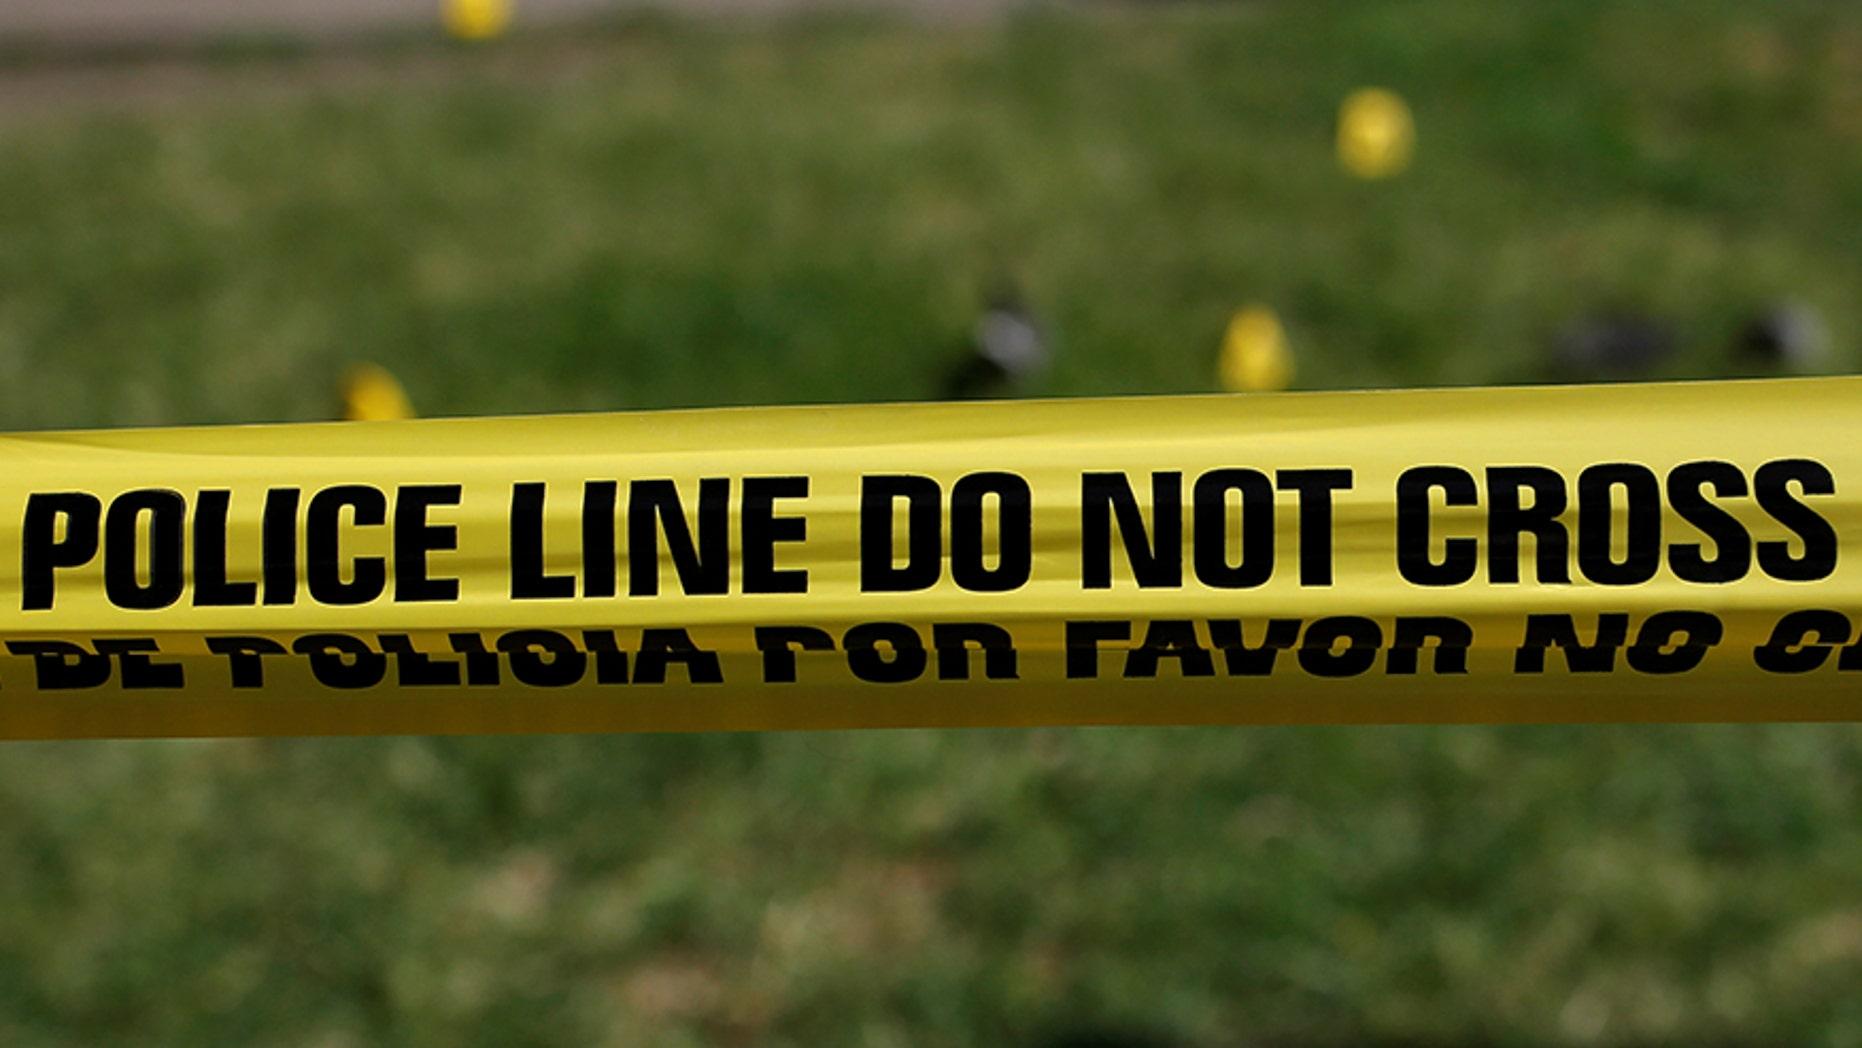 File photo - Police tape marks a crime scene in Dallas in 2016.